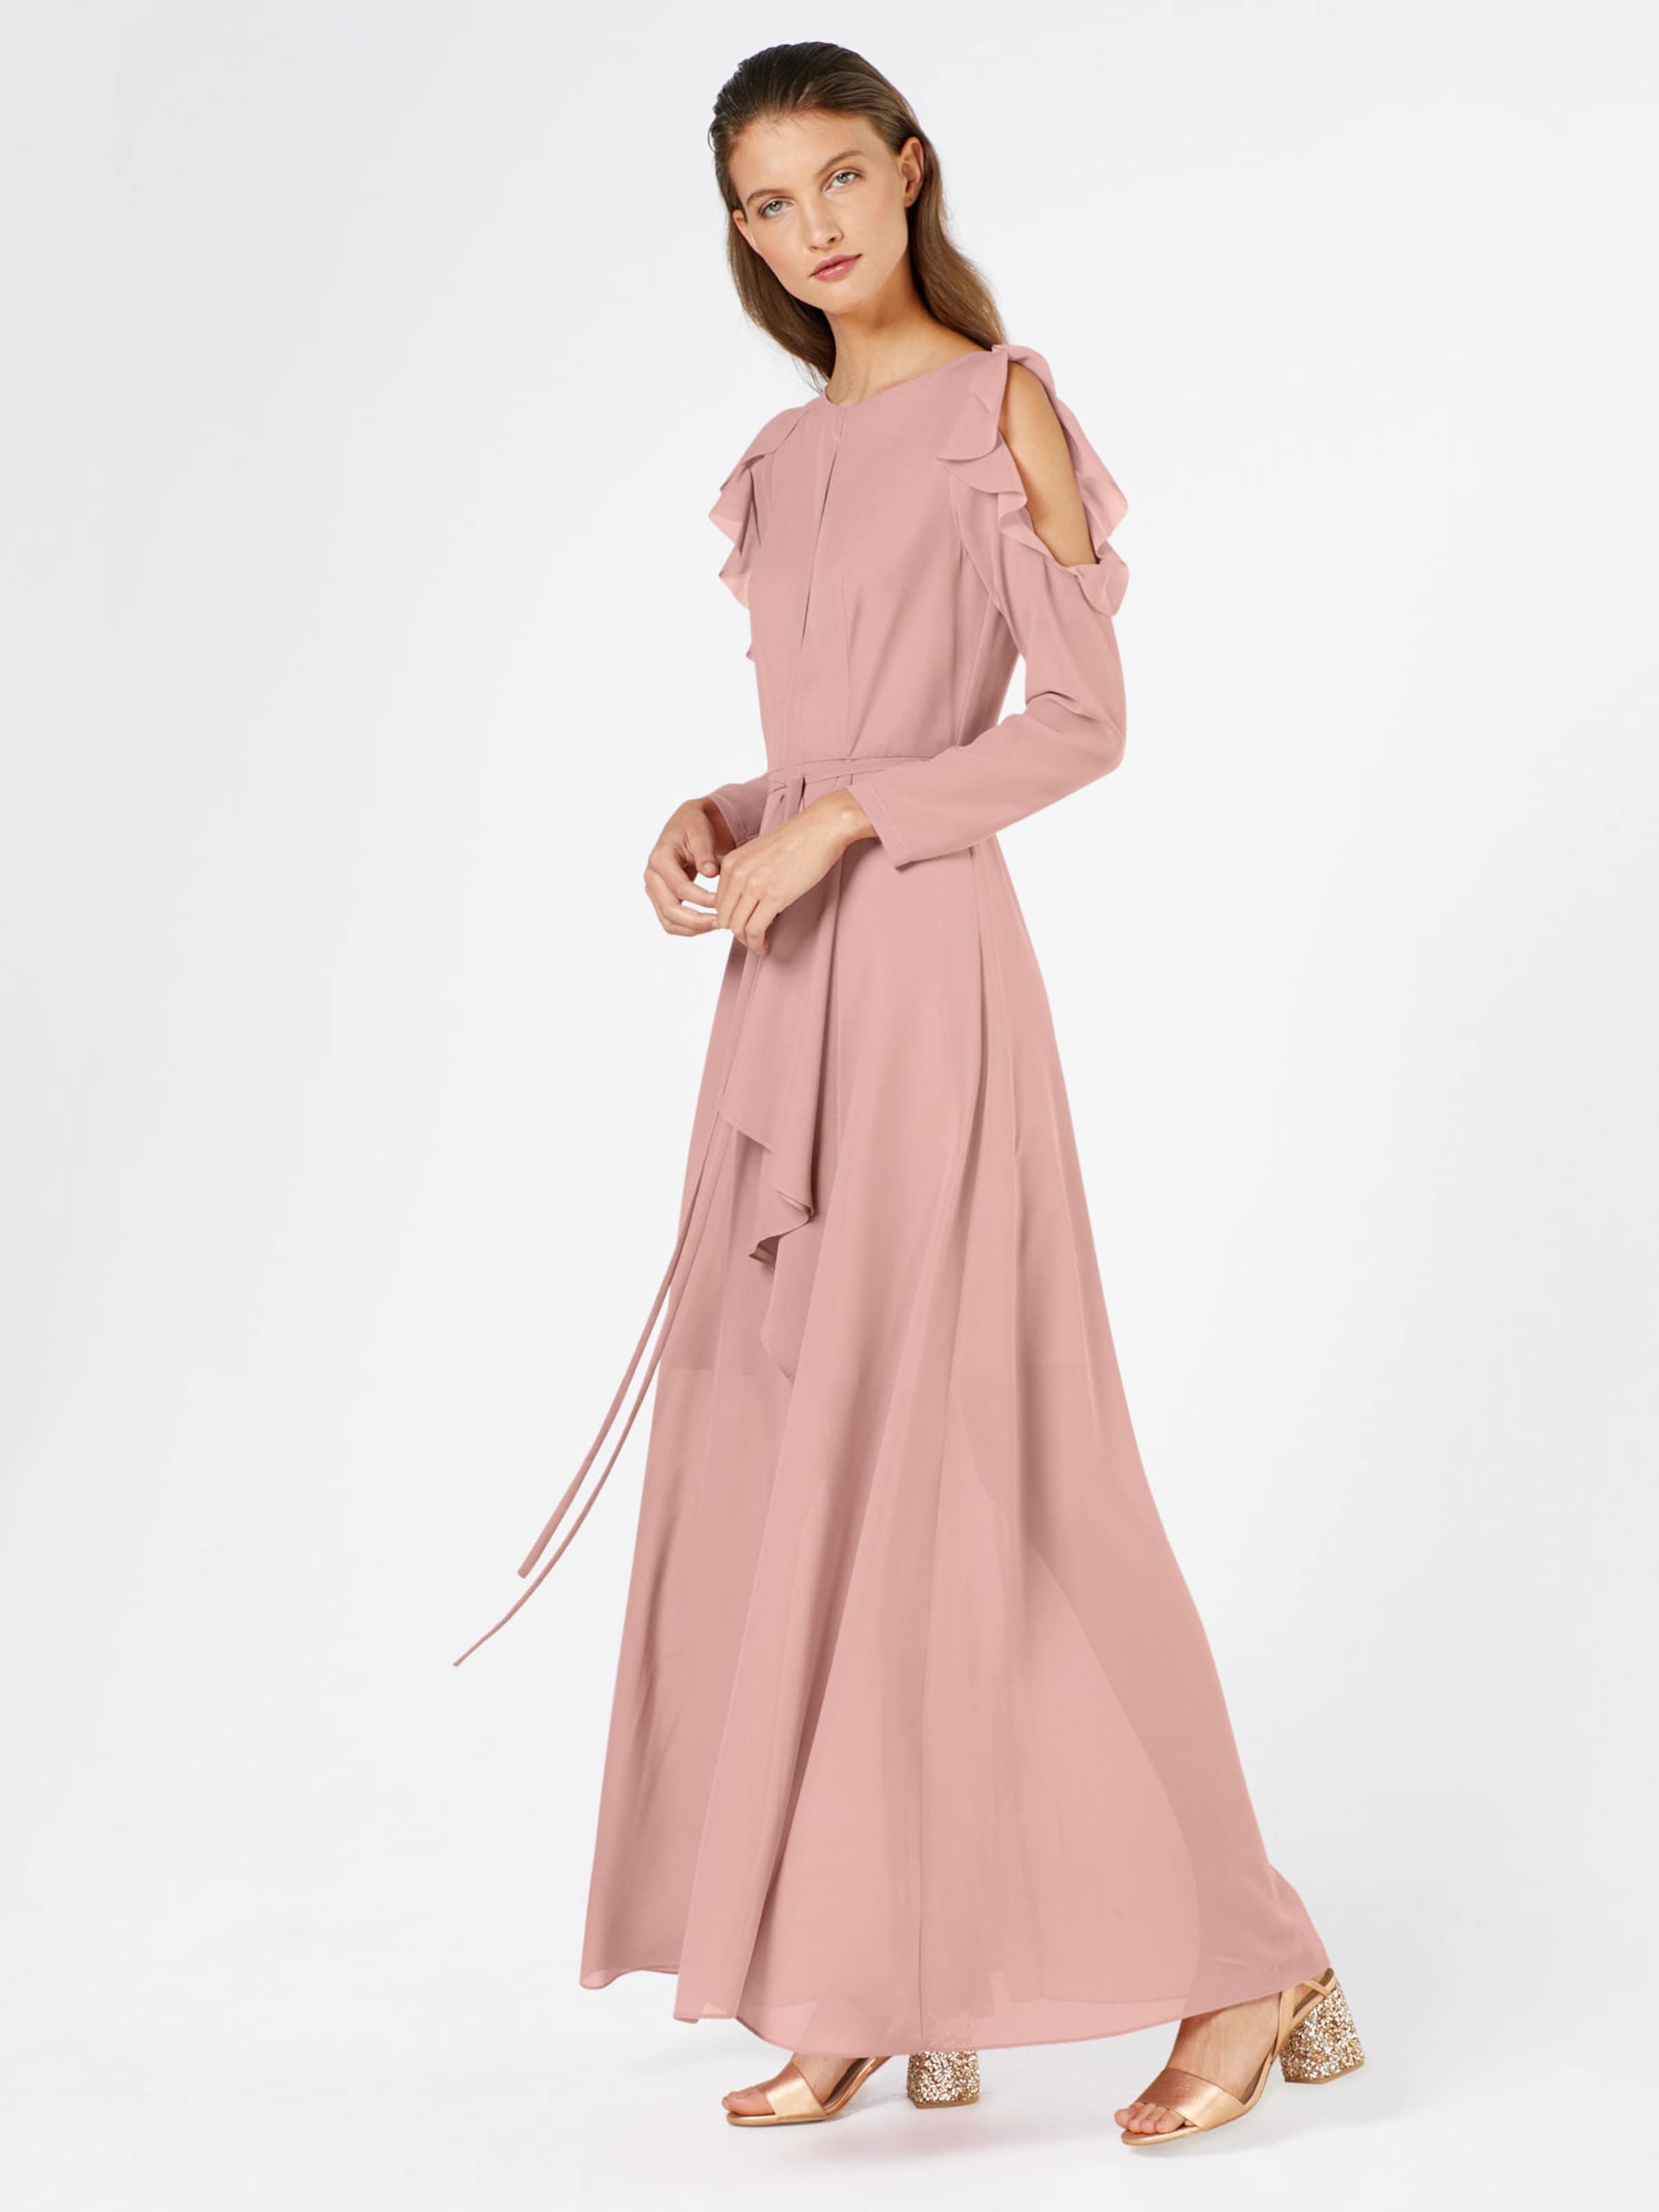 Abendkleid Rosa True Decadence Mit In Volants 3jqAR5c4L